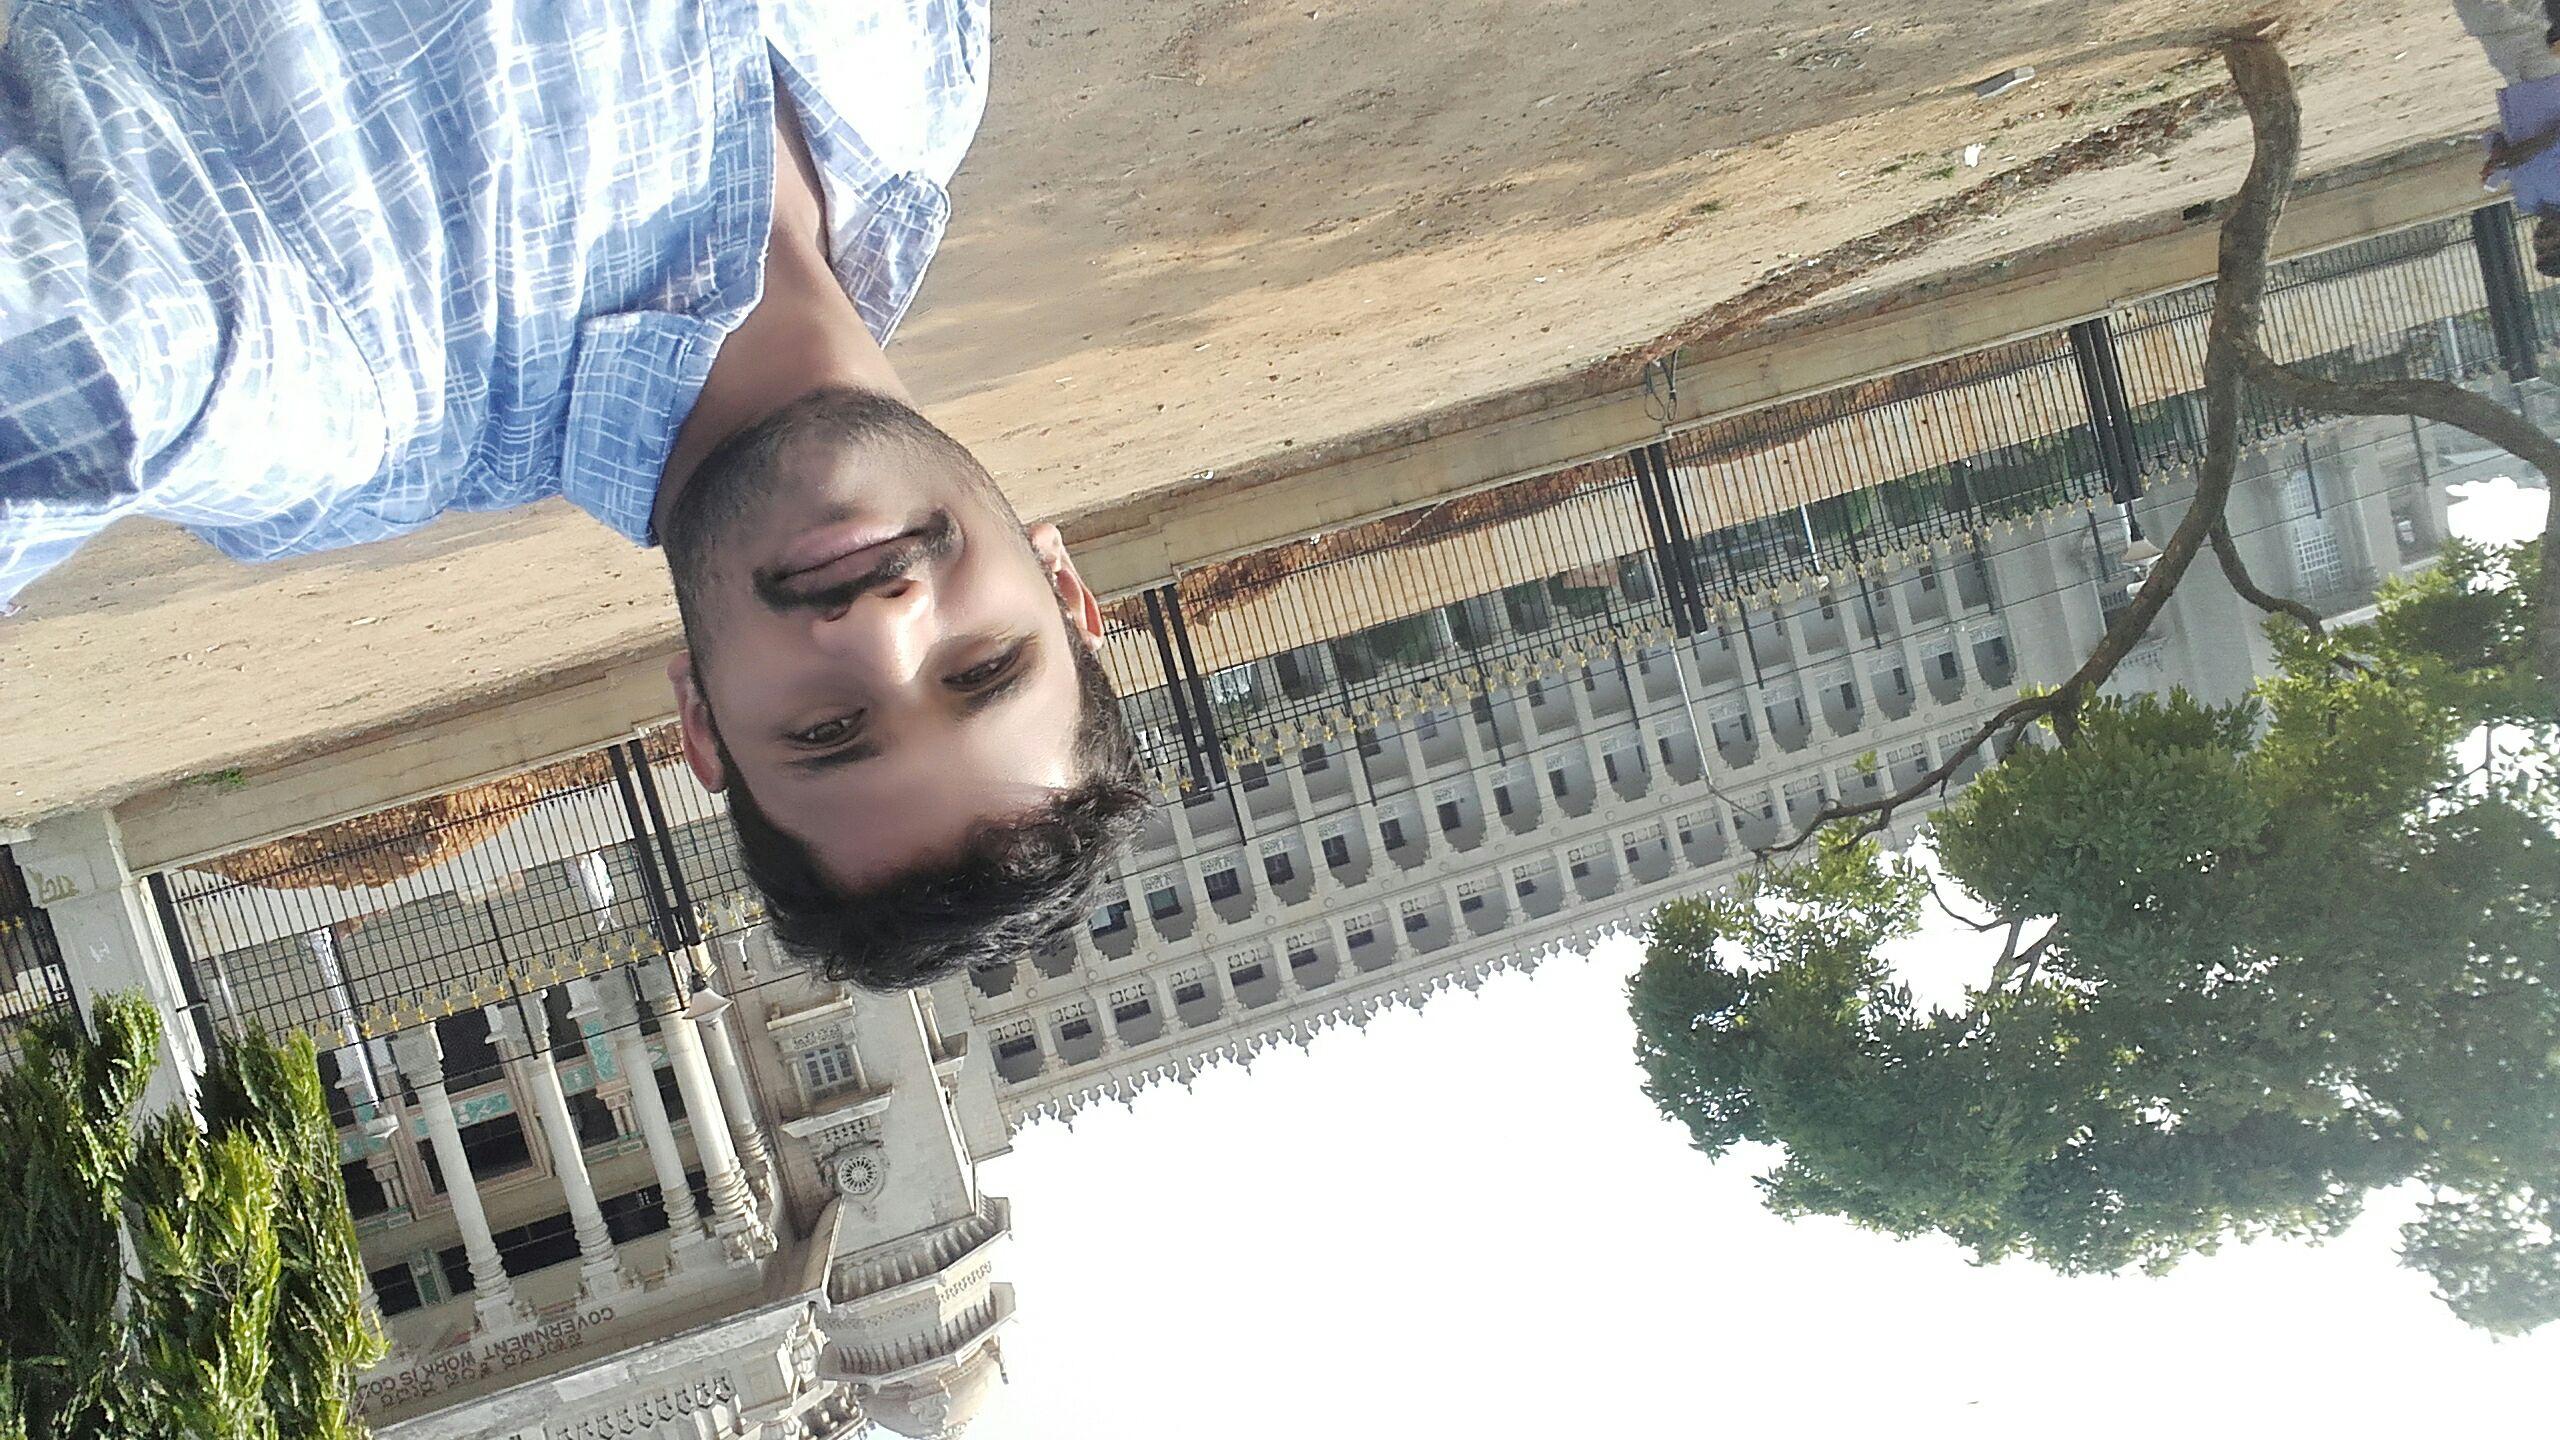 ಮುದ್ದಾದ ಸೆಲ್ಫಿ - ShareChat